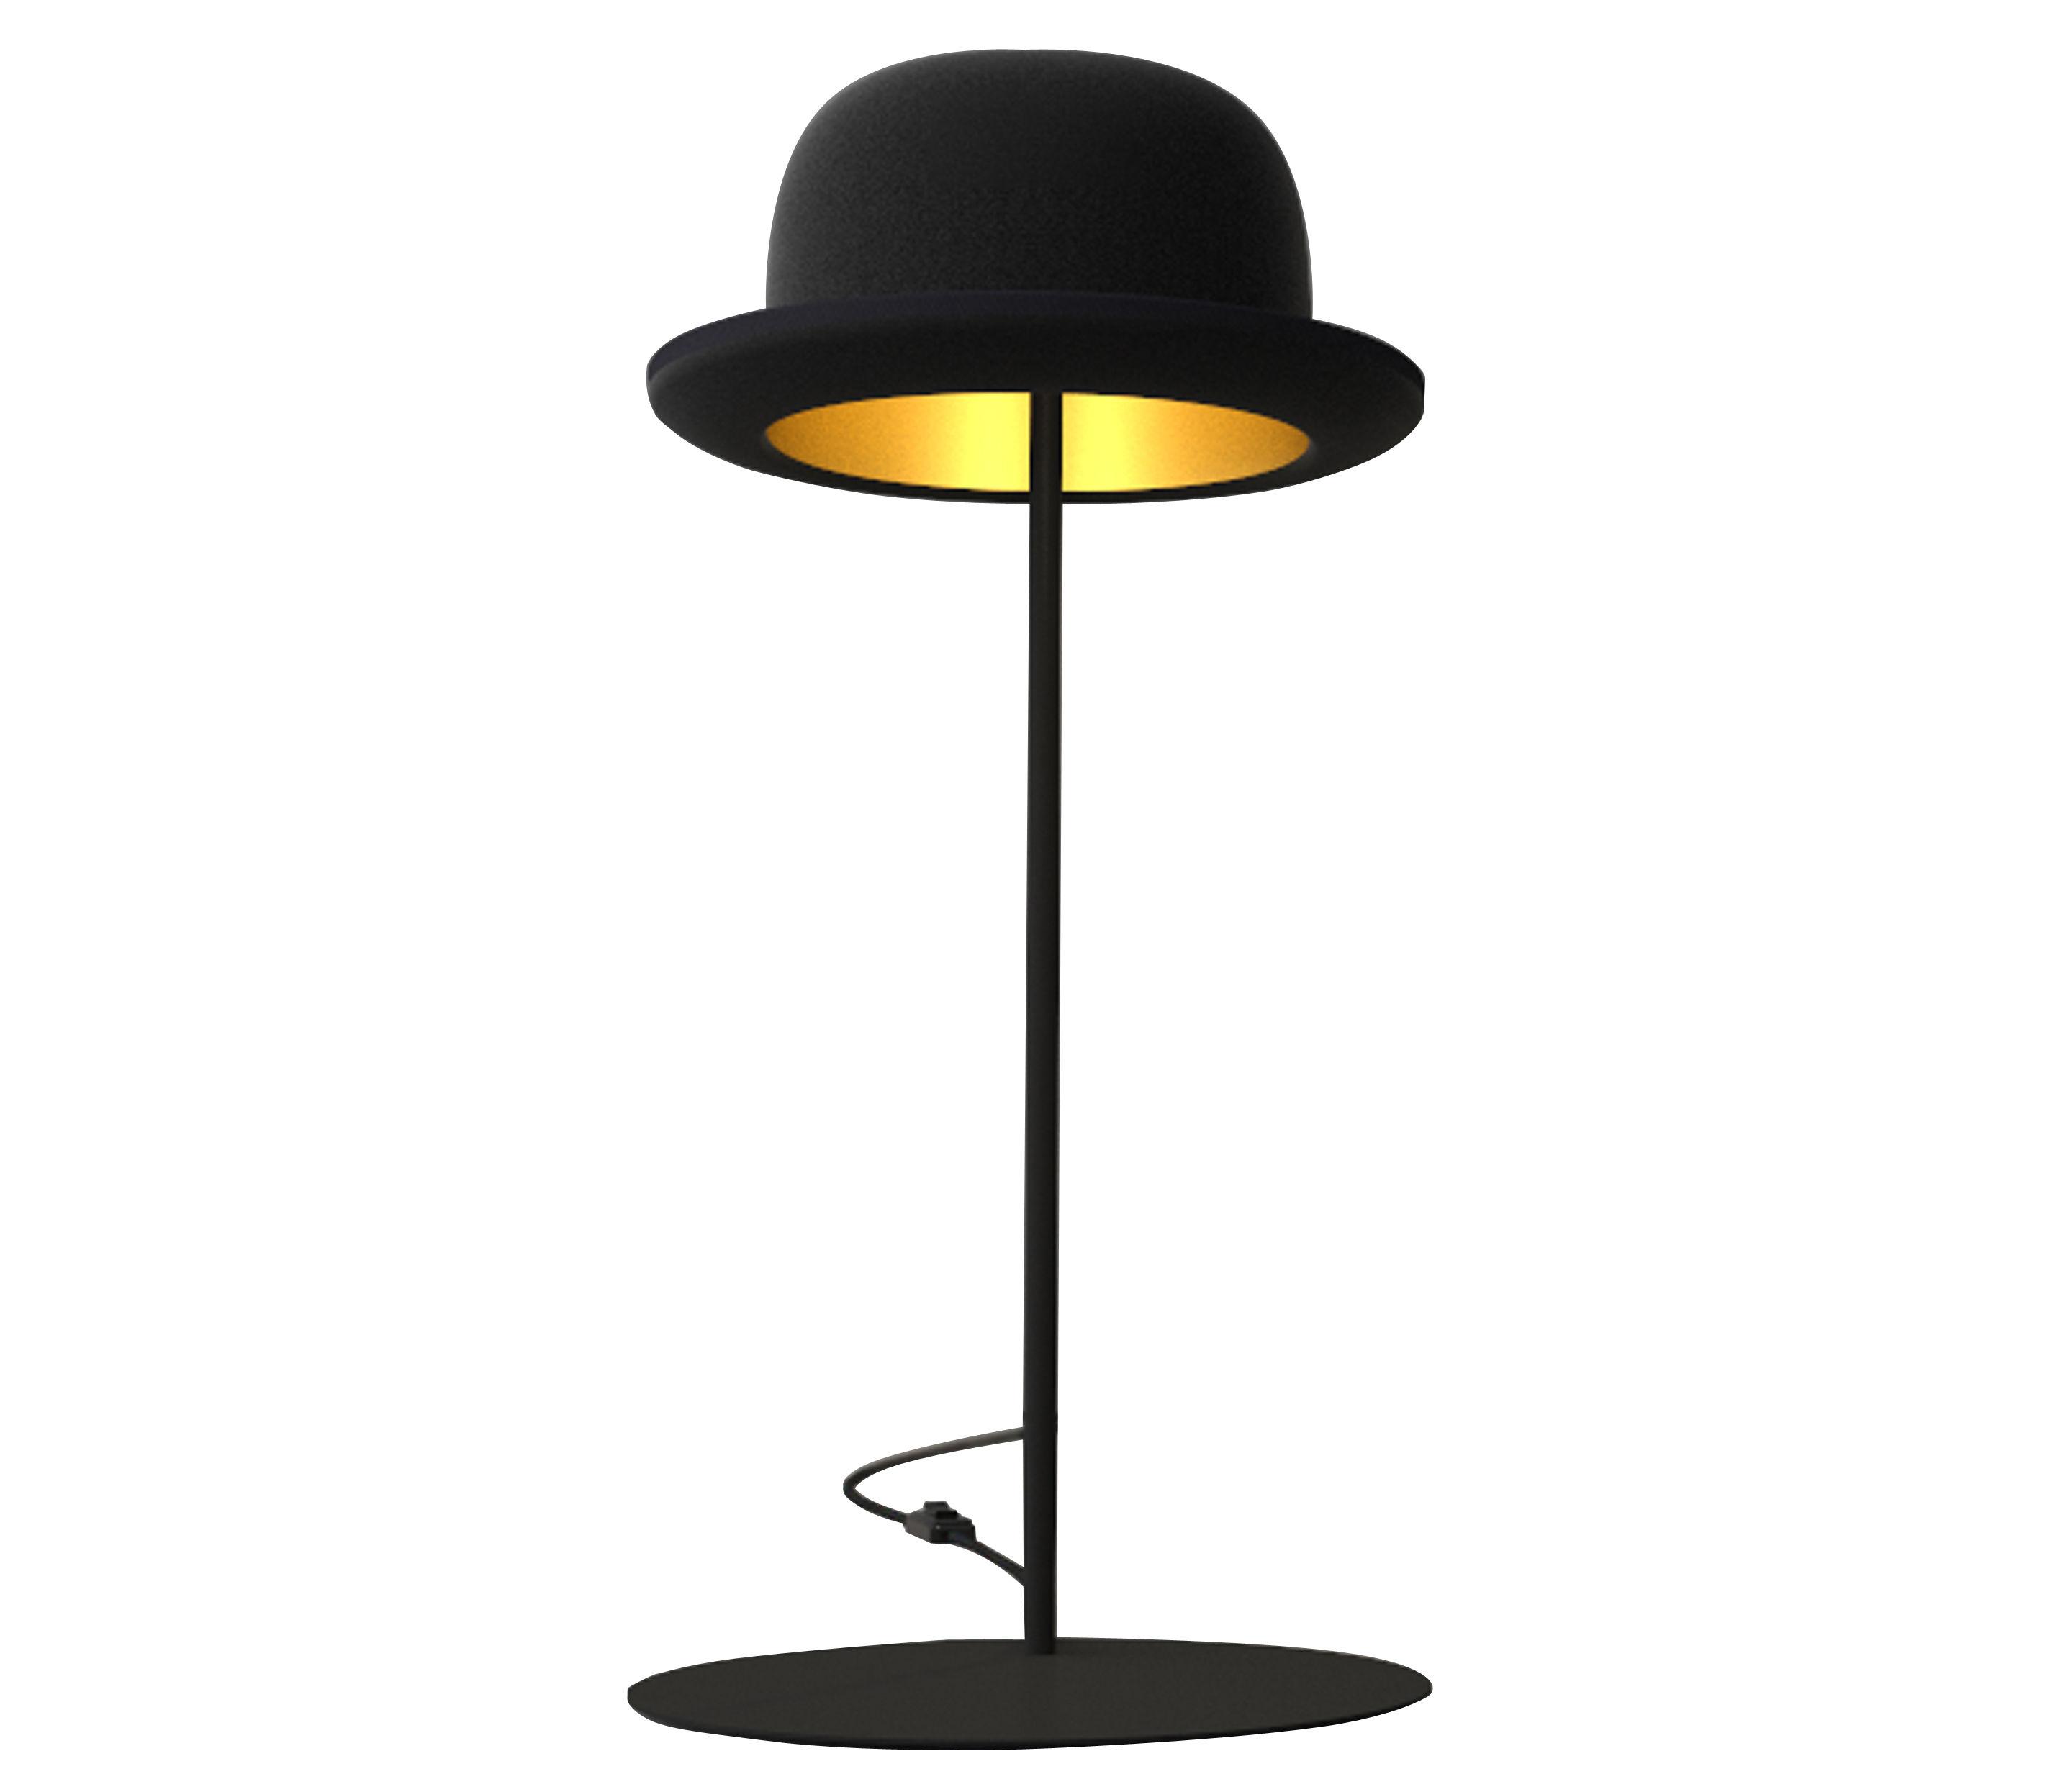 Leuchten - Tischleuchten - Jeeves Tischleuchte - Innermost - Schwarz / innen goldfarben - eloxiertes Aluminium, Wollfilz